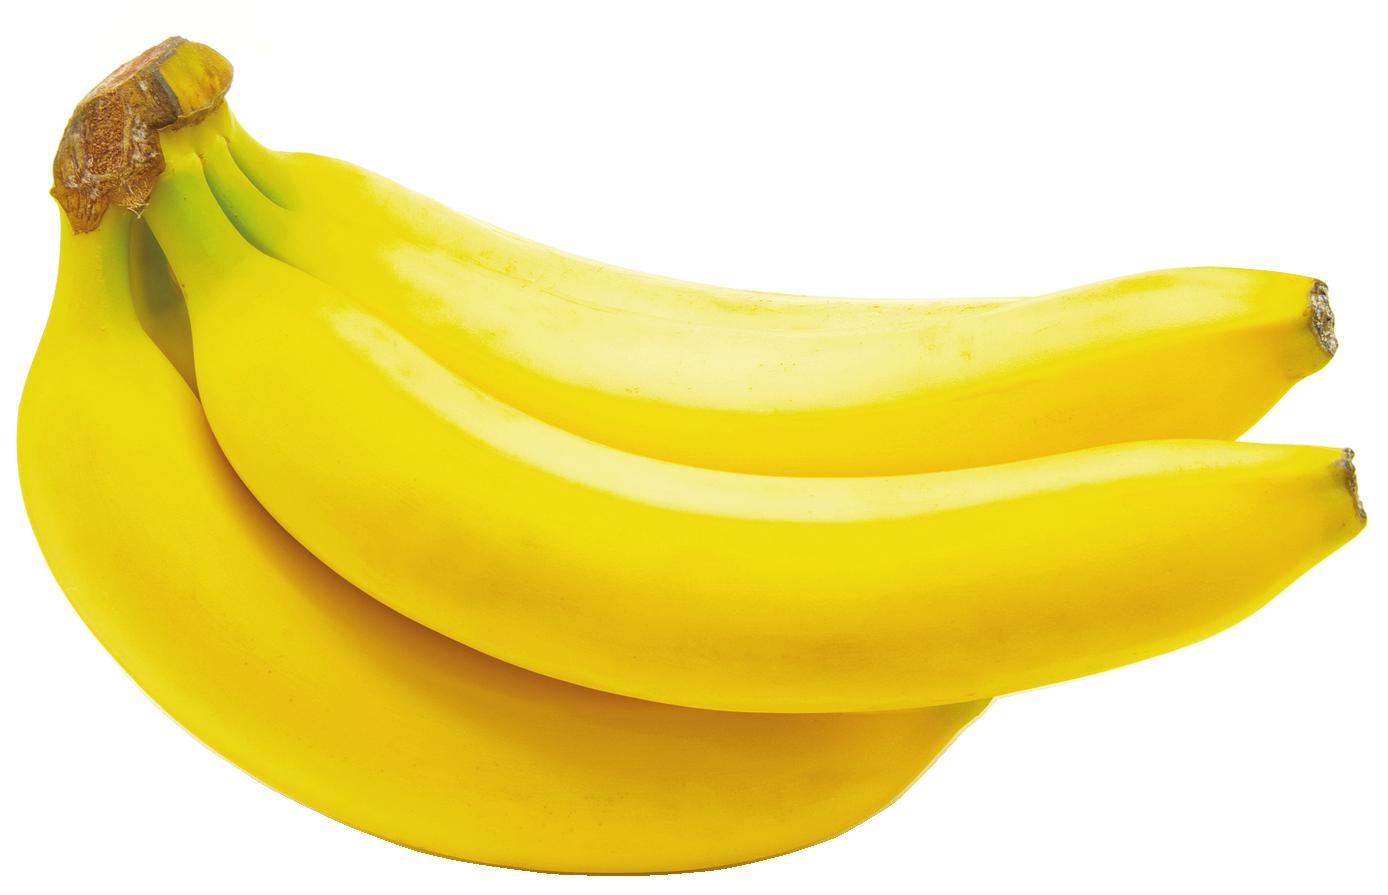 Banana's PNG Image - PurePNG | Free transparent CC0 PNG ...